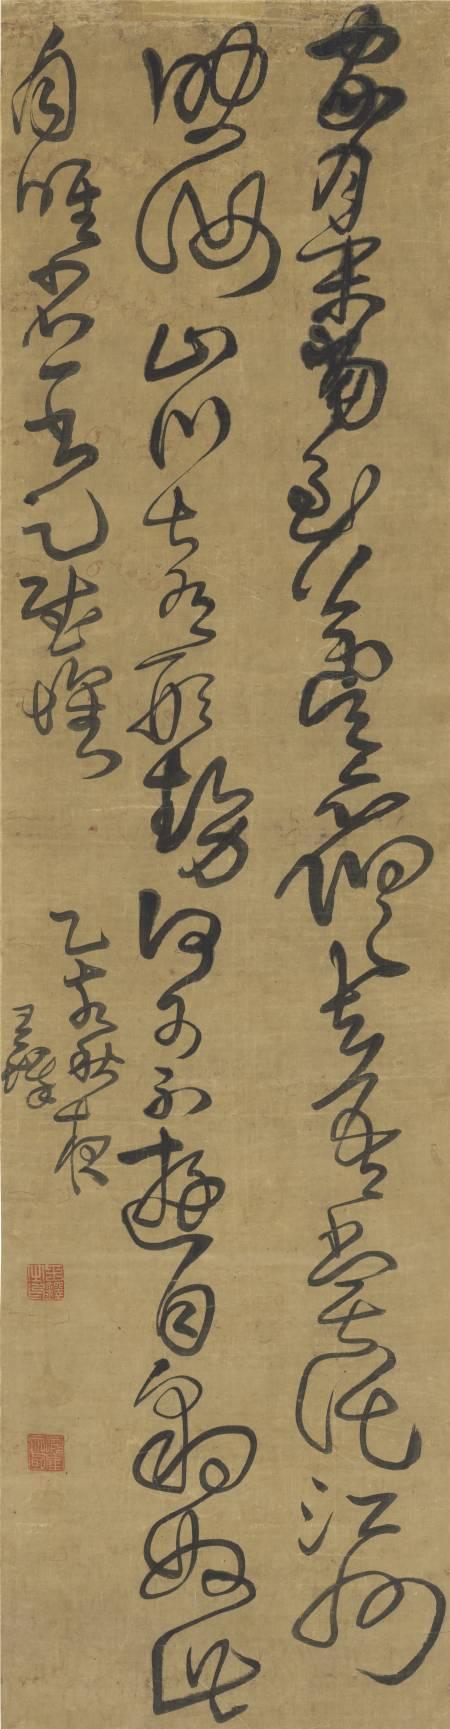 草書《臨王羲之家月末帖》